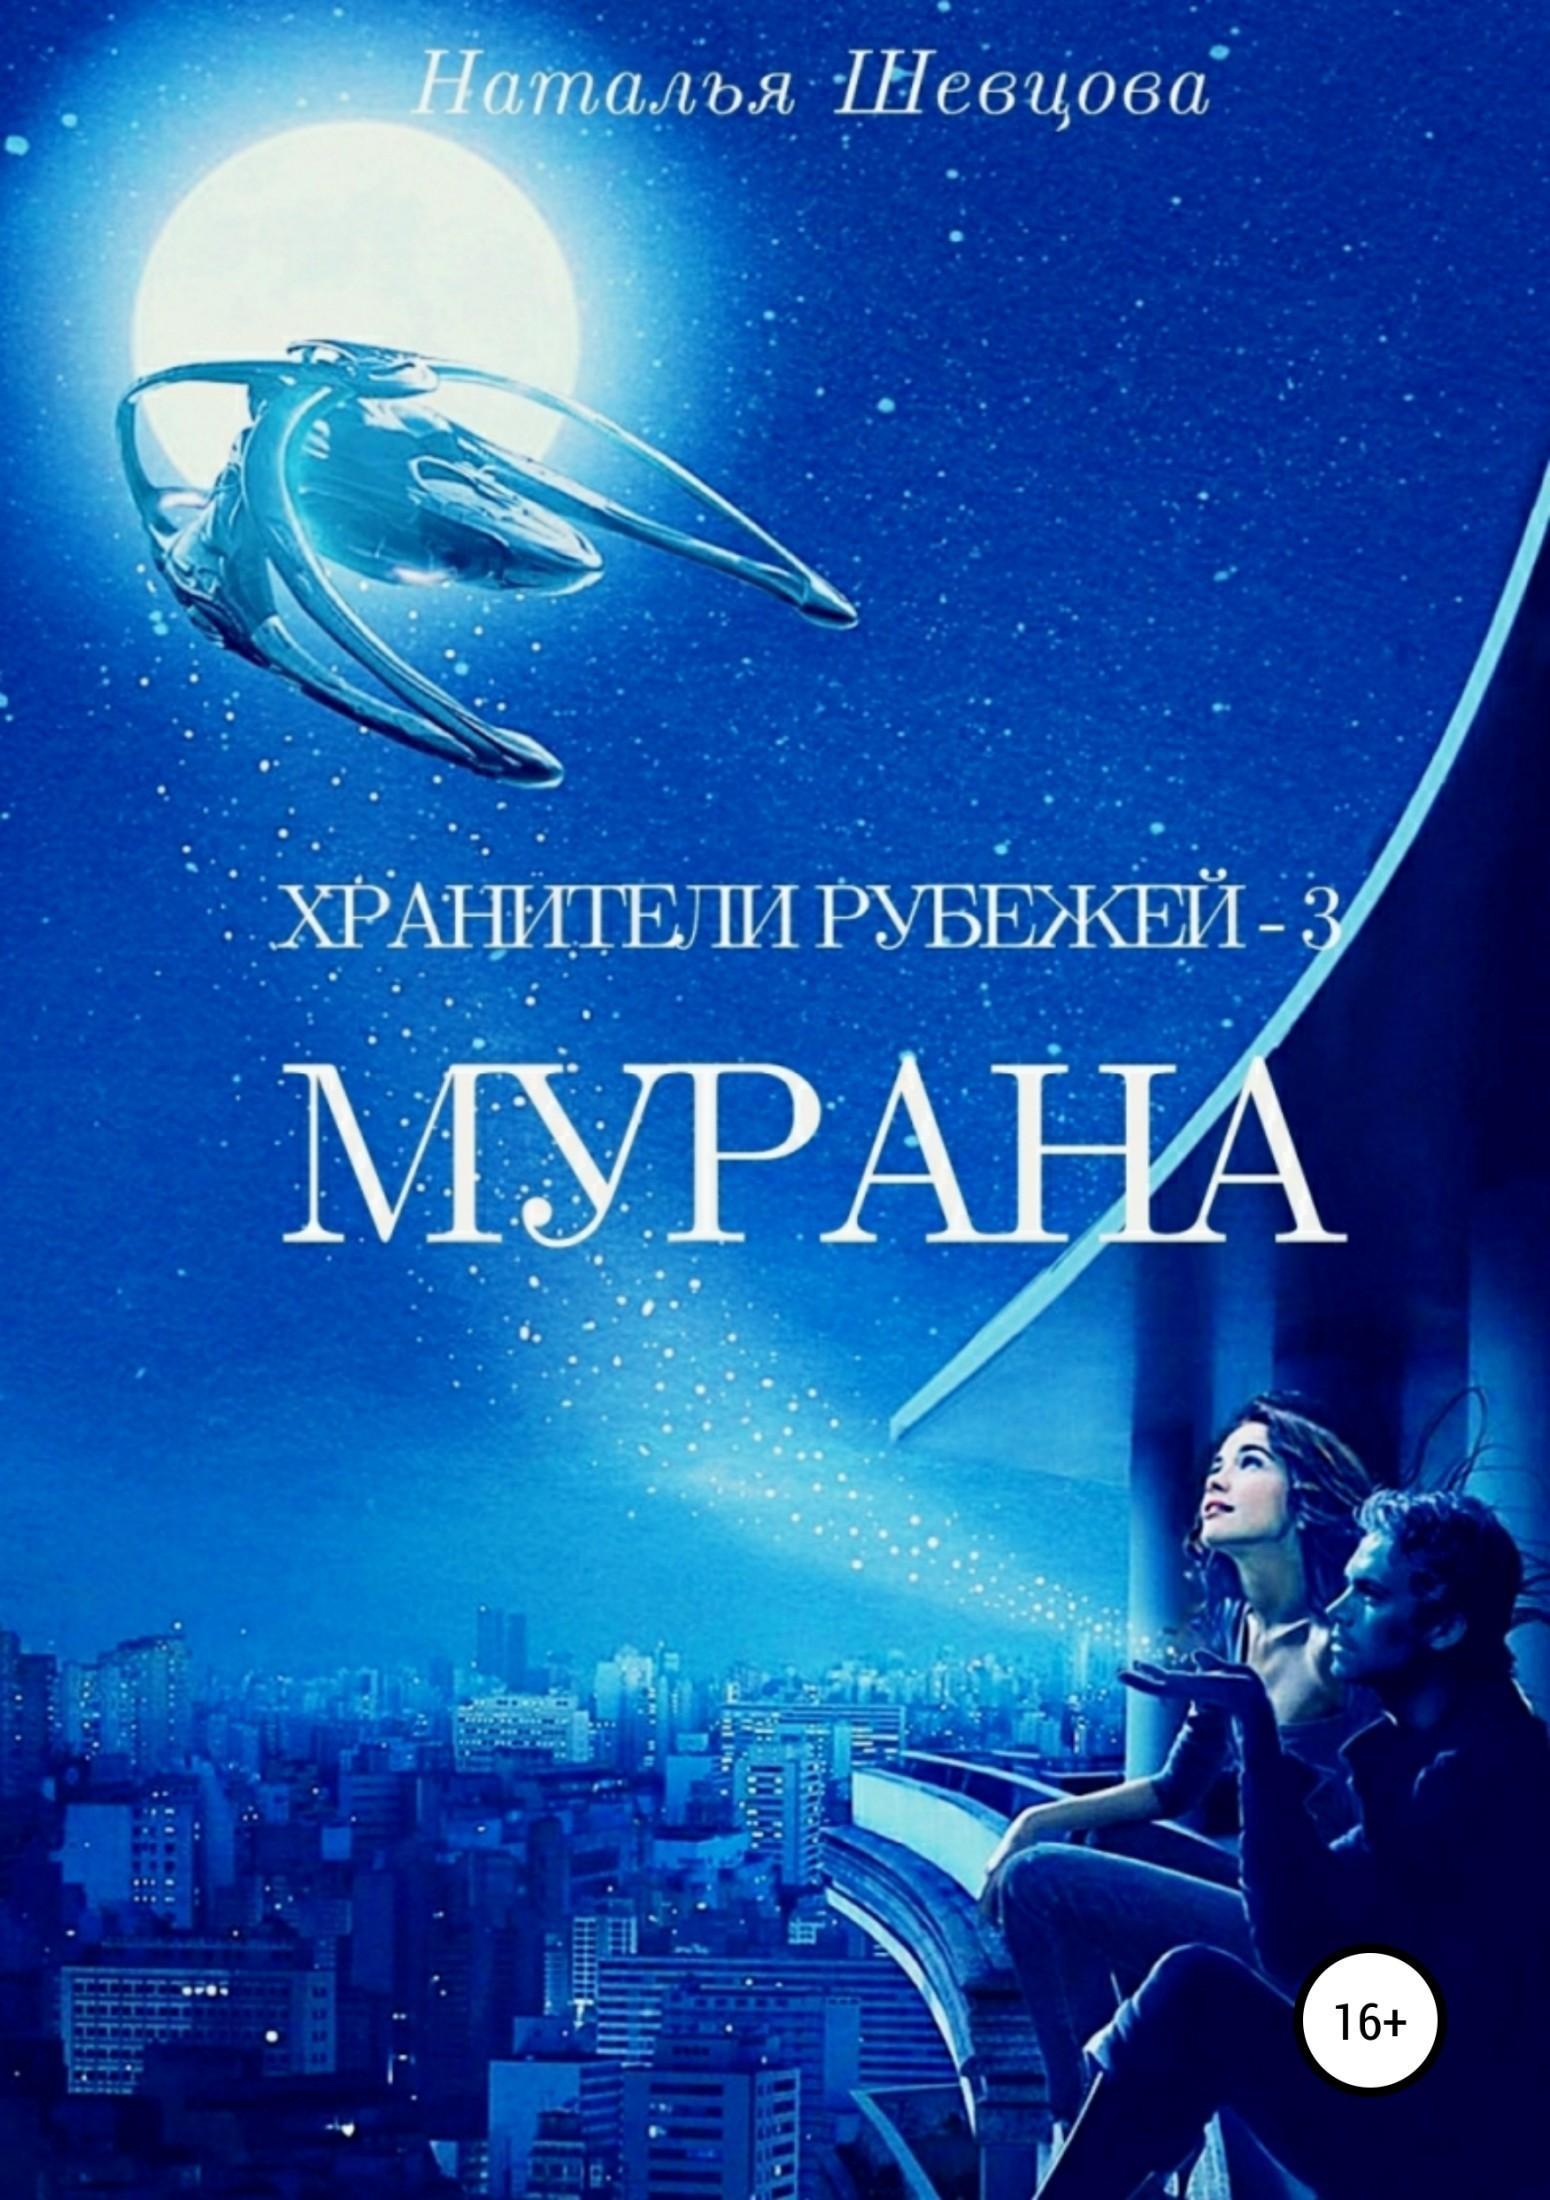 Наталья Шевцова - Хранители рубежей 3. Мурана